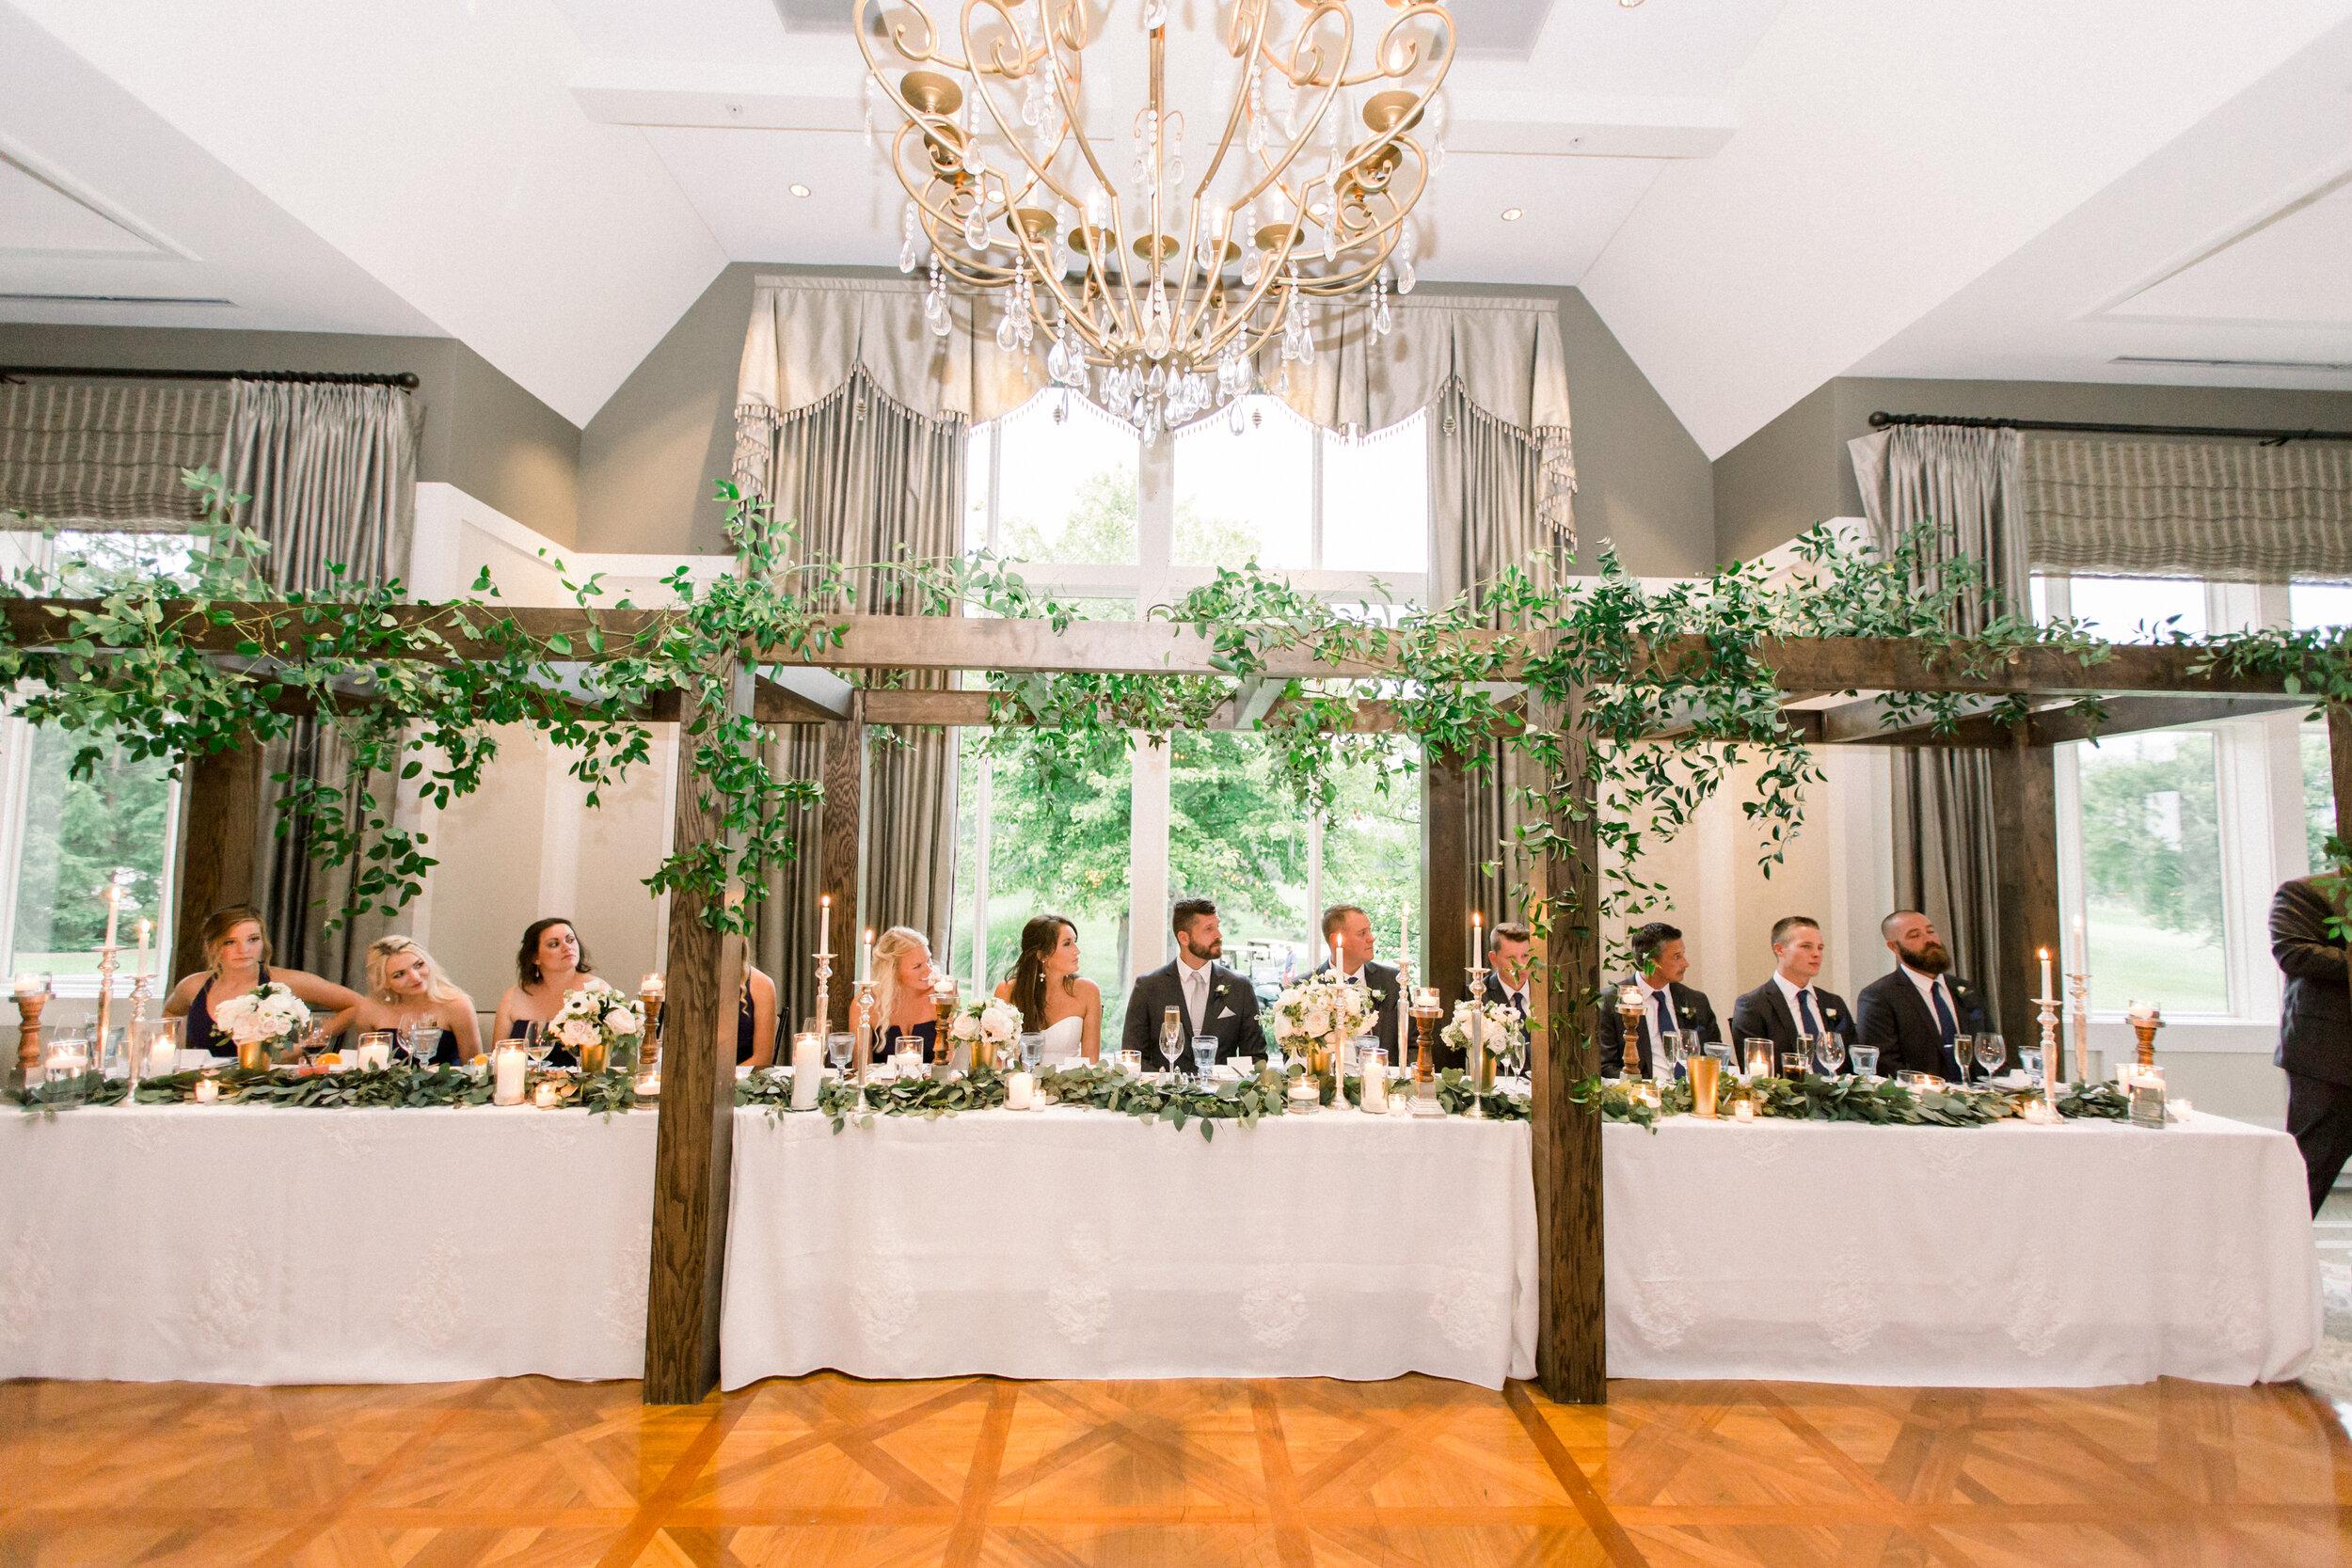 Kuiper+Wedding+Reception-47.jpg